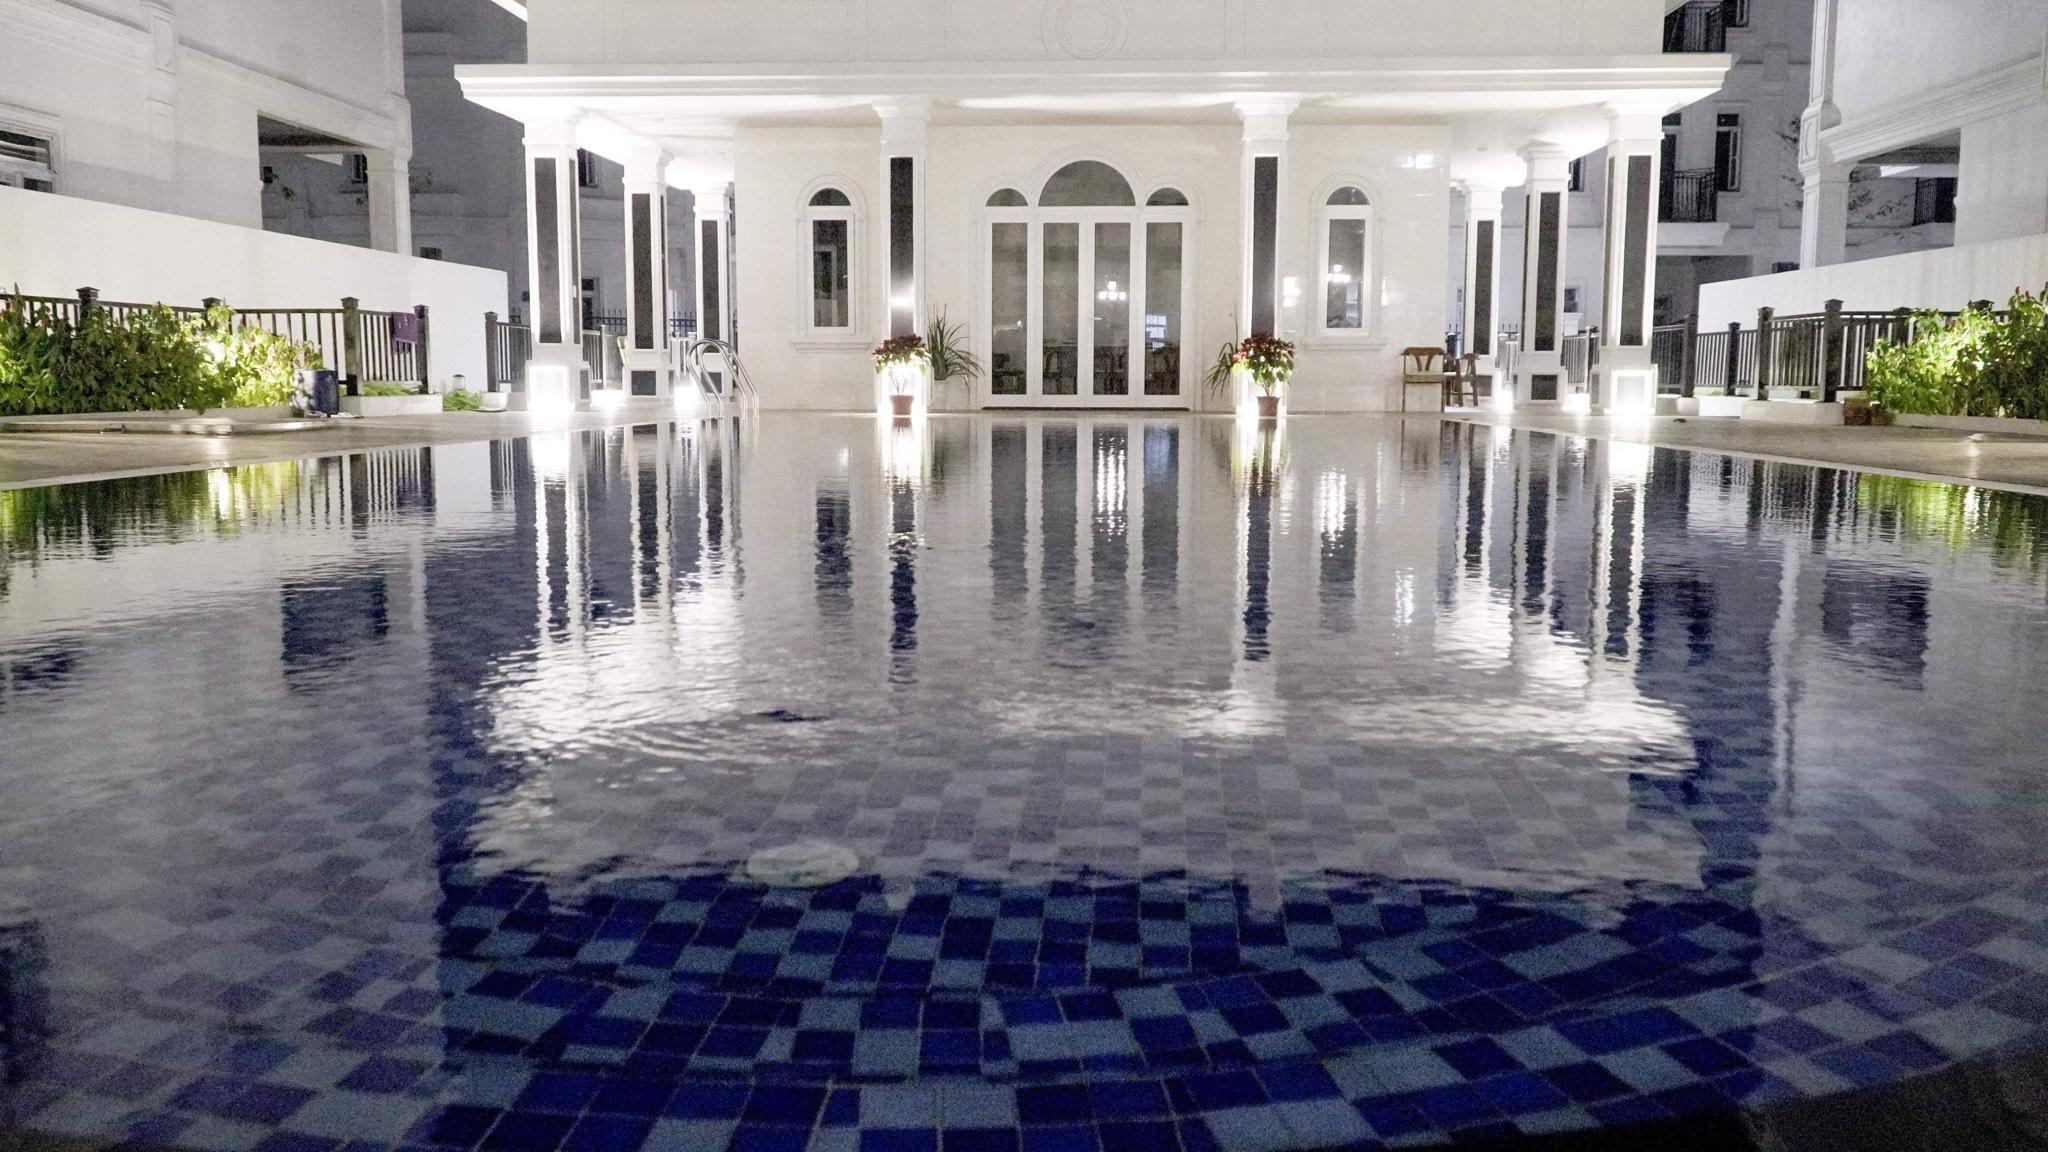 The Most Luxury And Unique 'Casa De Tan' House